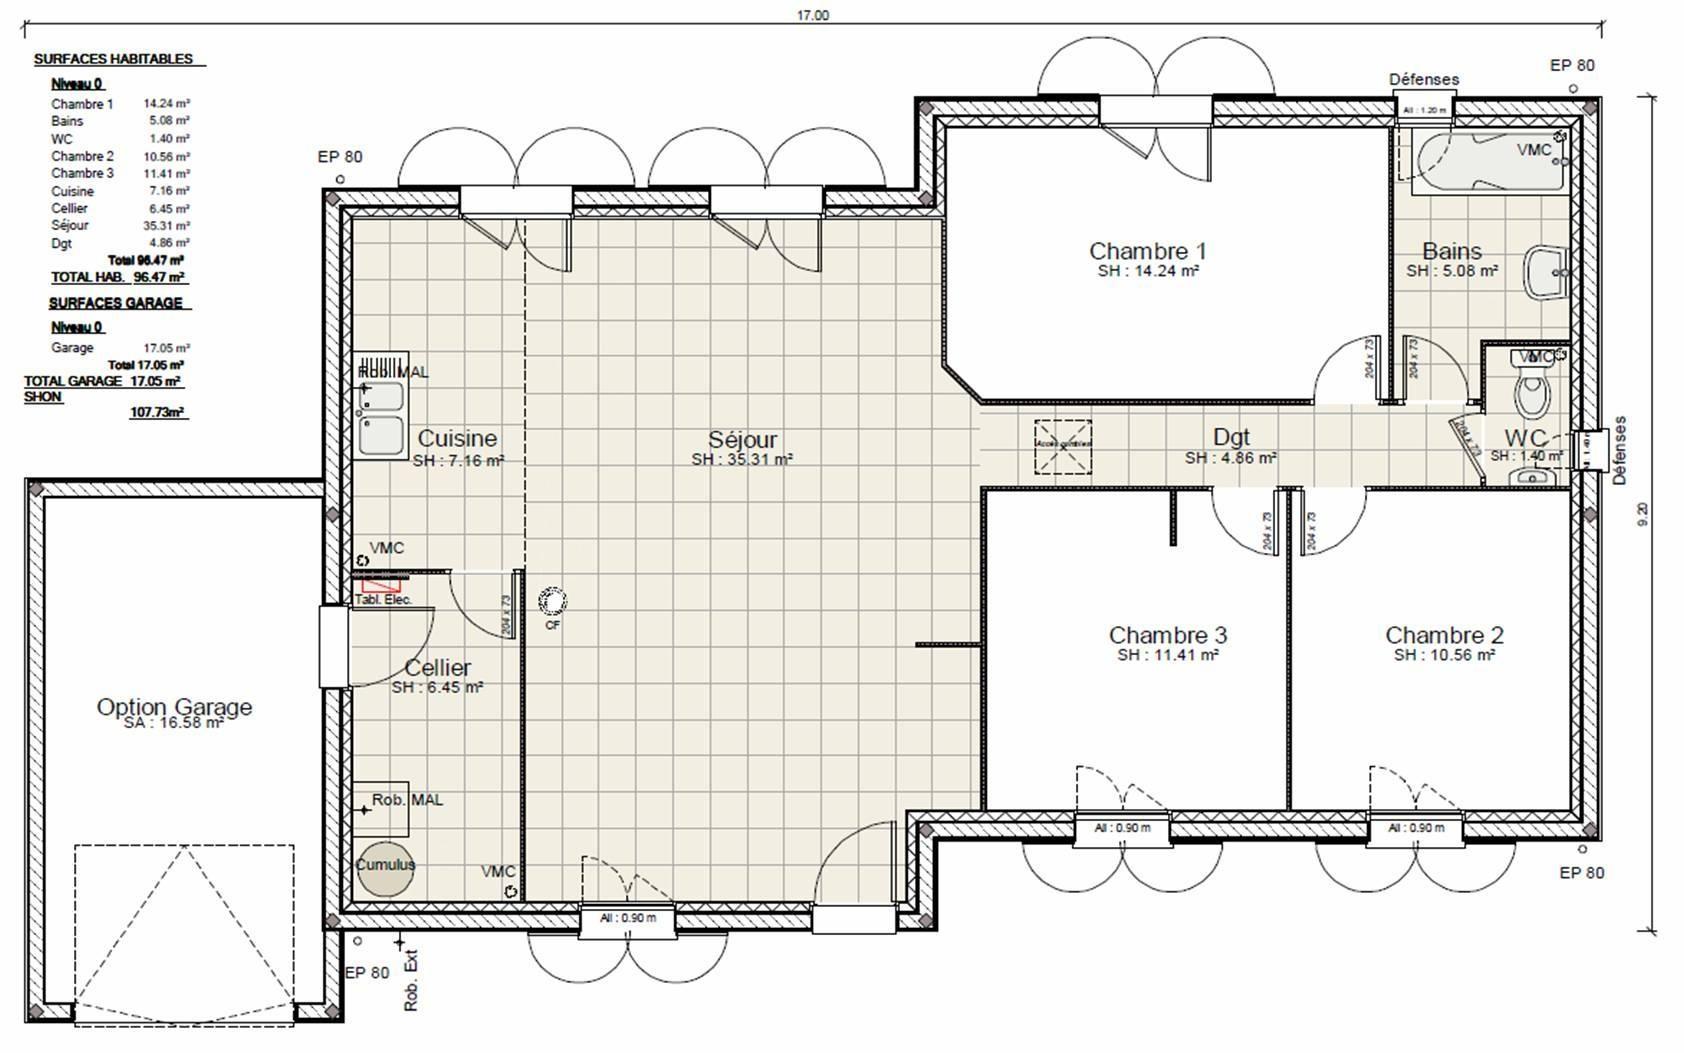 Faire le plan de maison en ligne id es de travaux - Faire plan maison en ligne ...